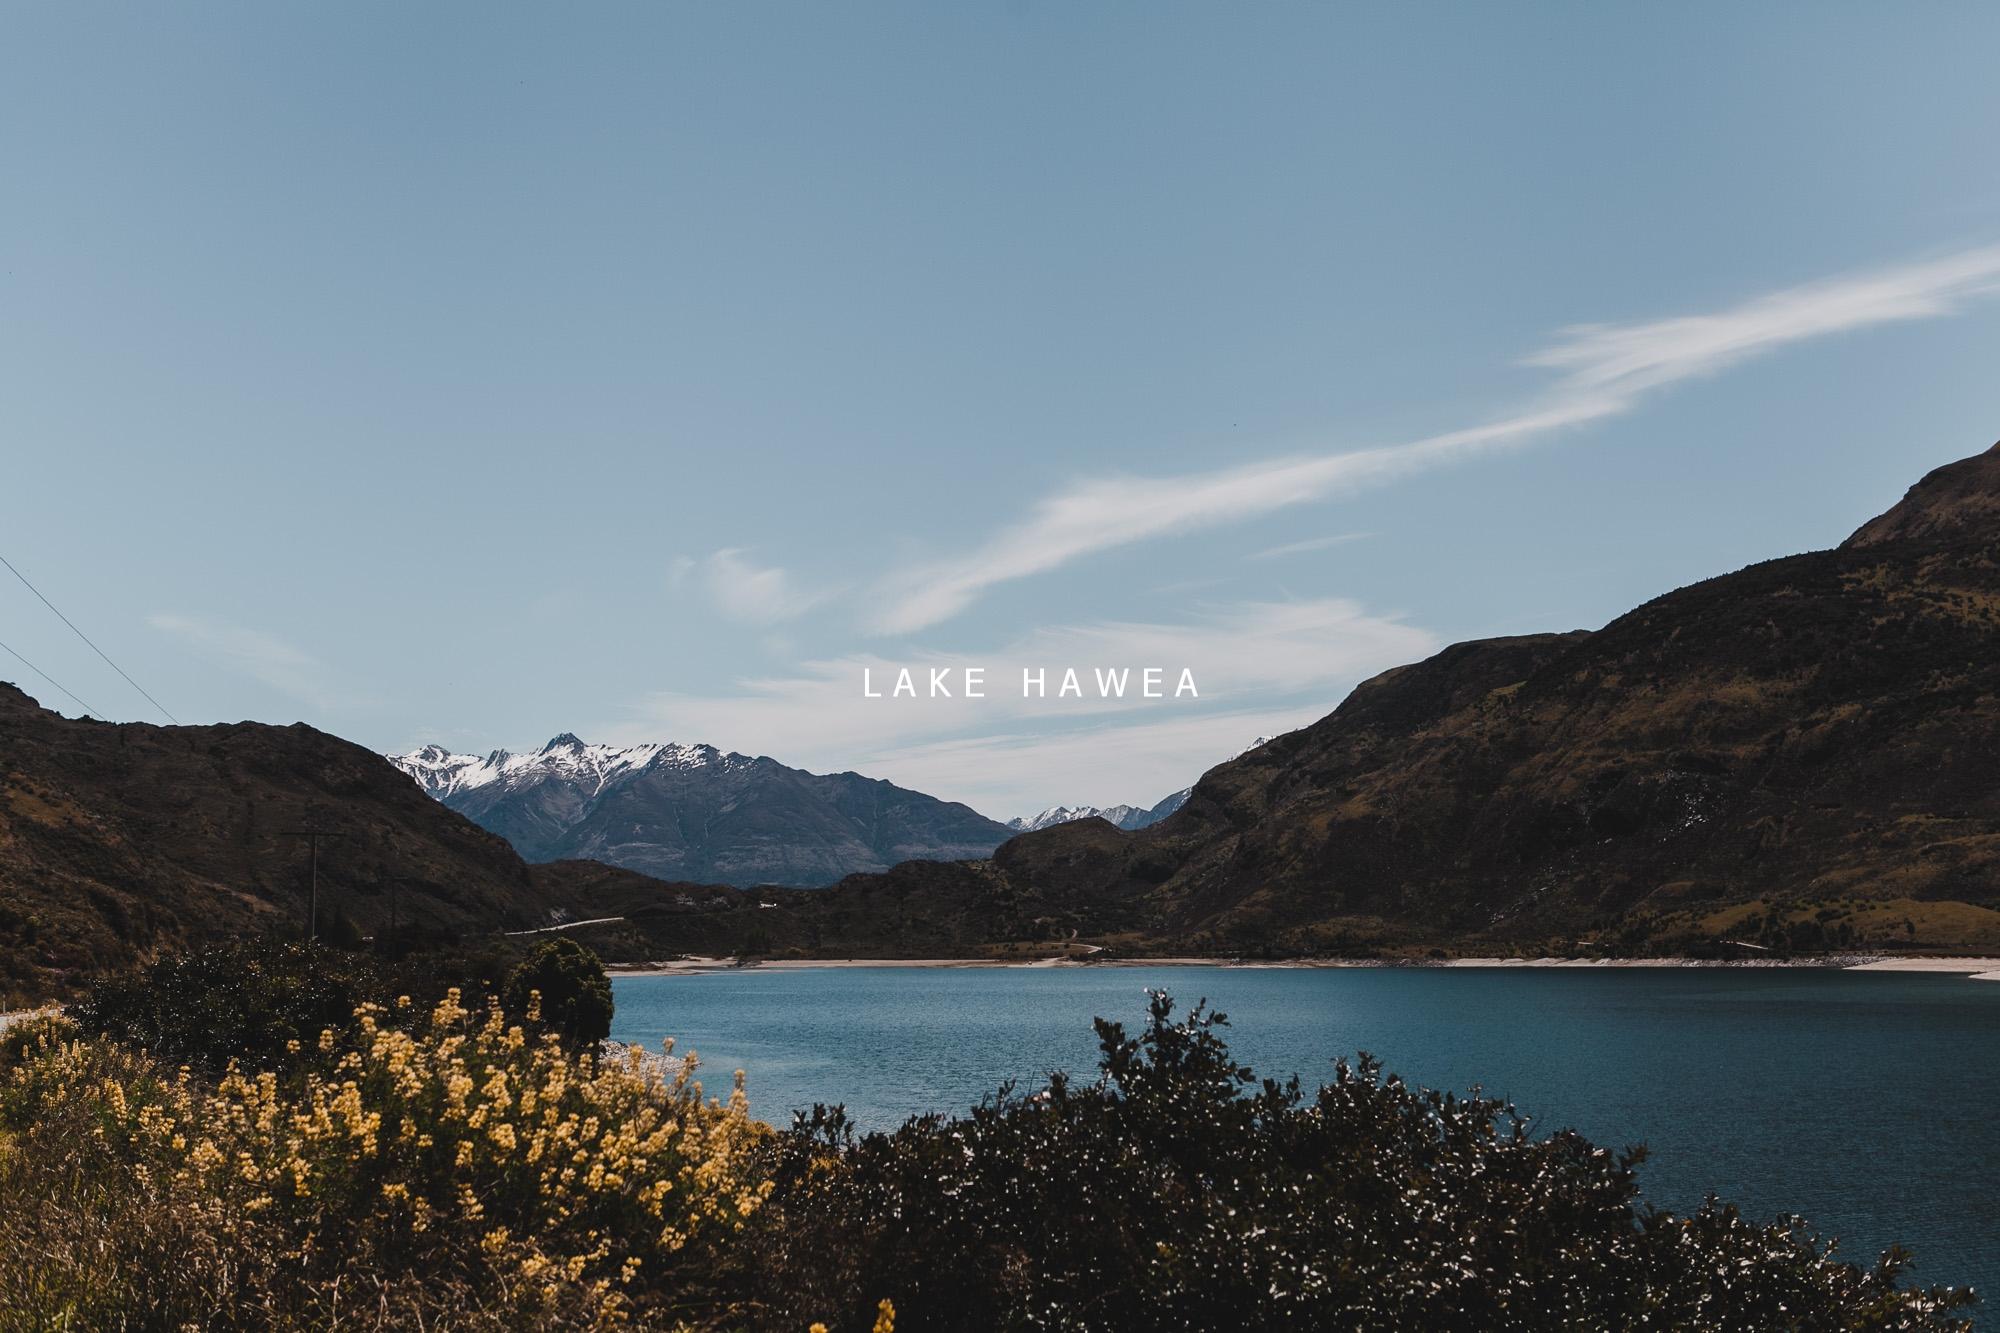 lake-hawea-new-zealand-jysla-kay-001.jpg